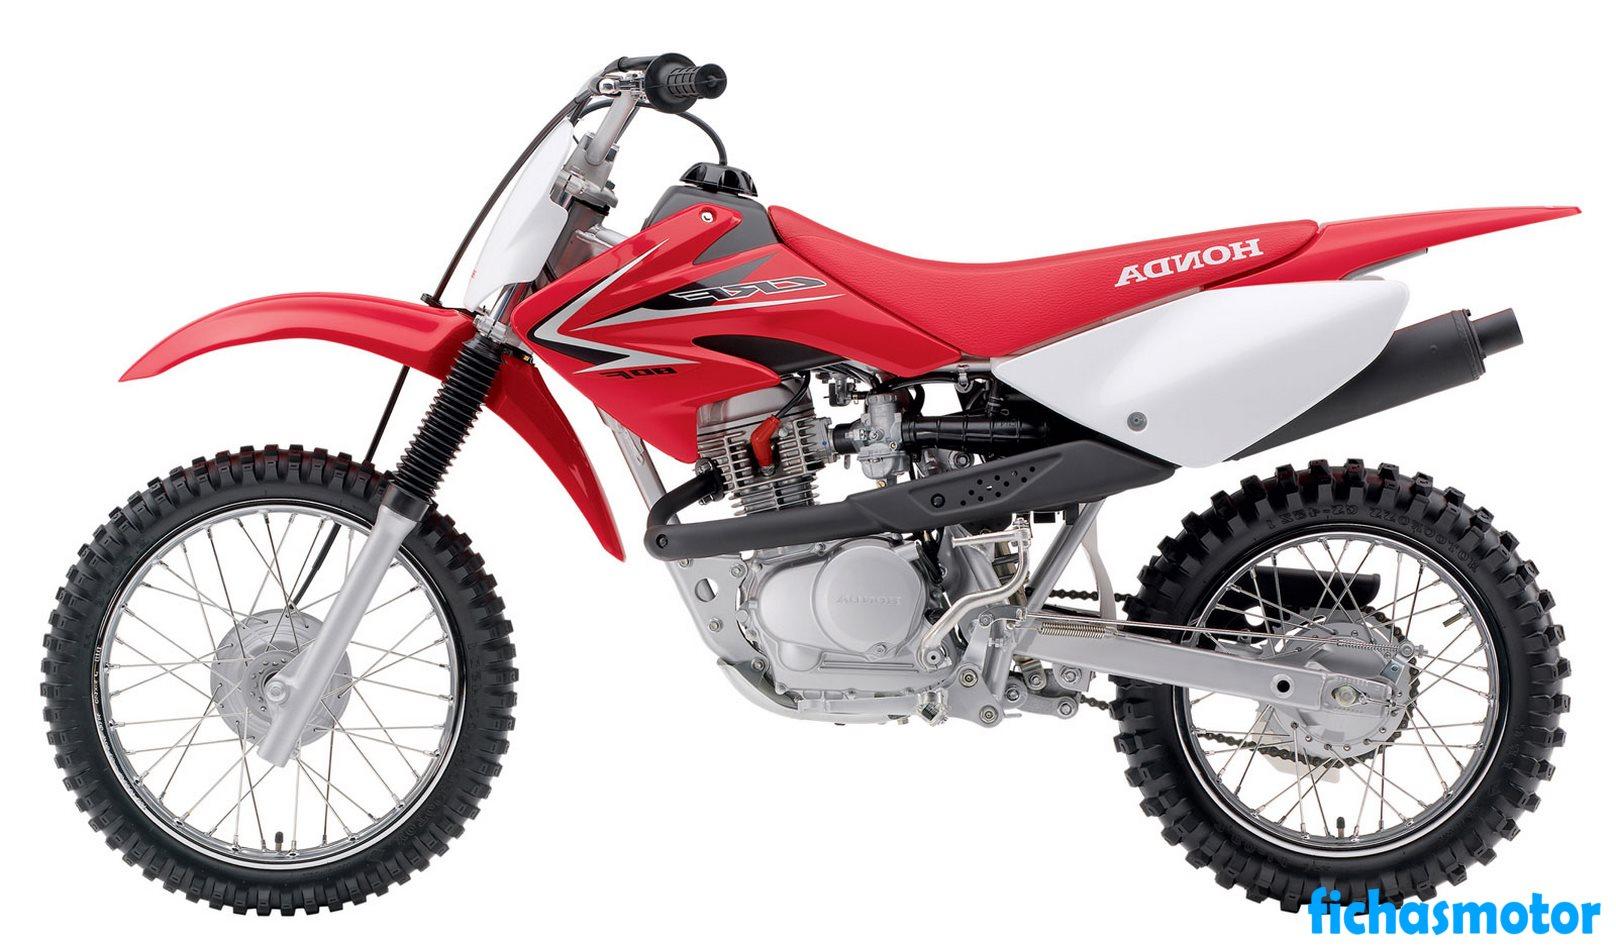 Ficha técnica Honda crf80f 2009